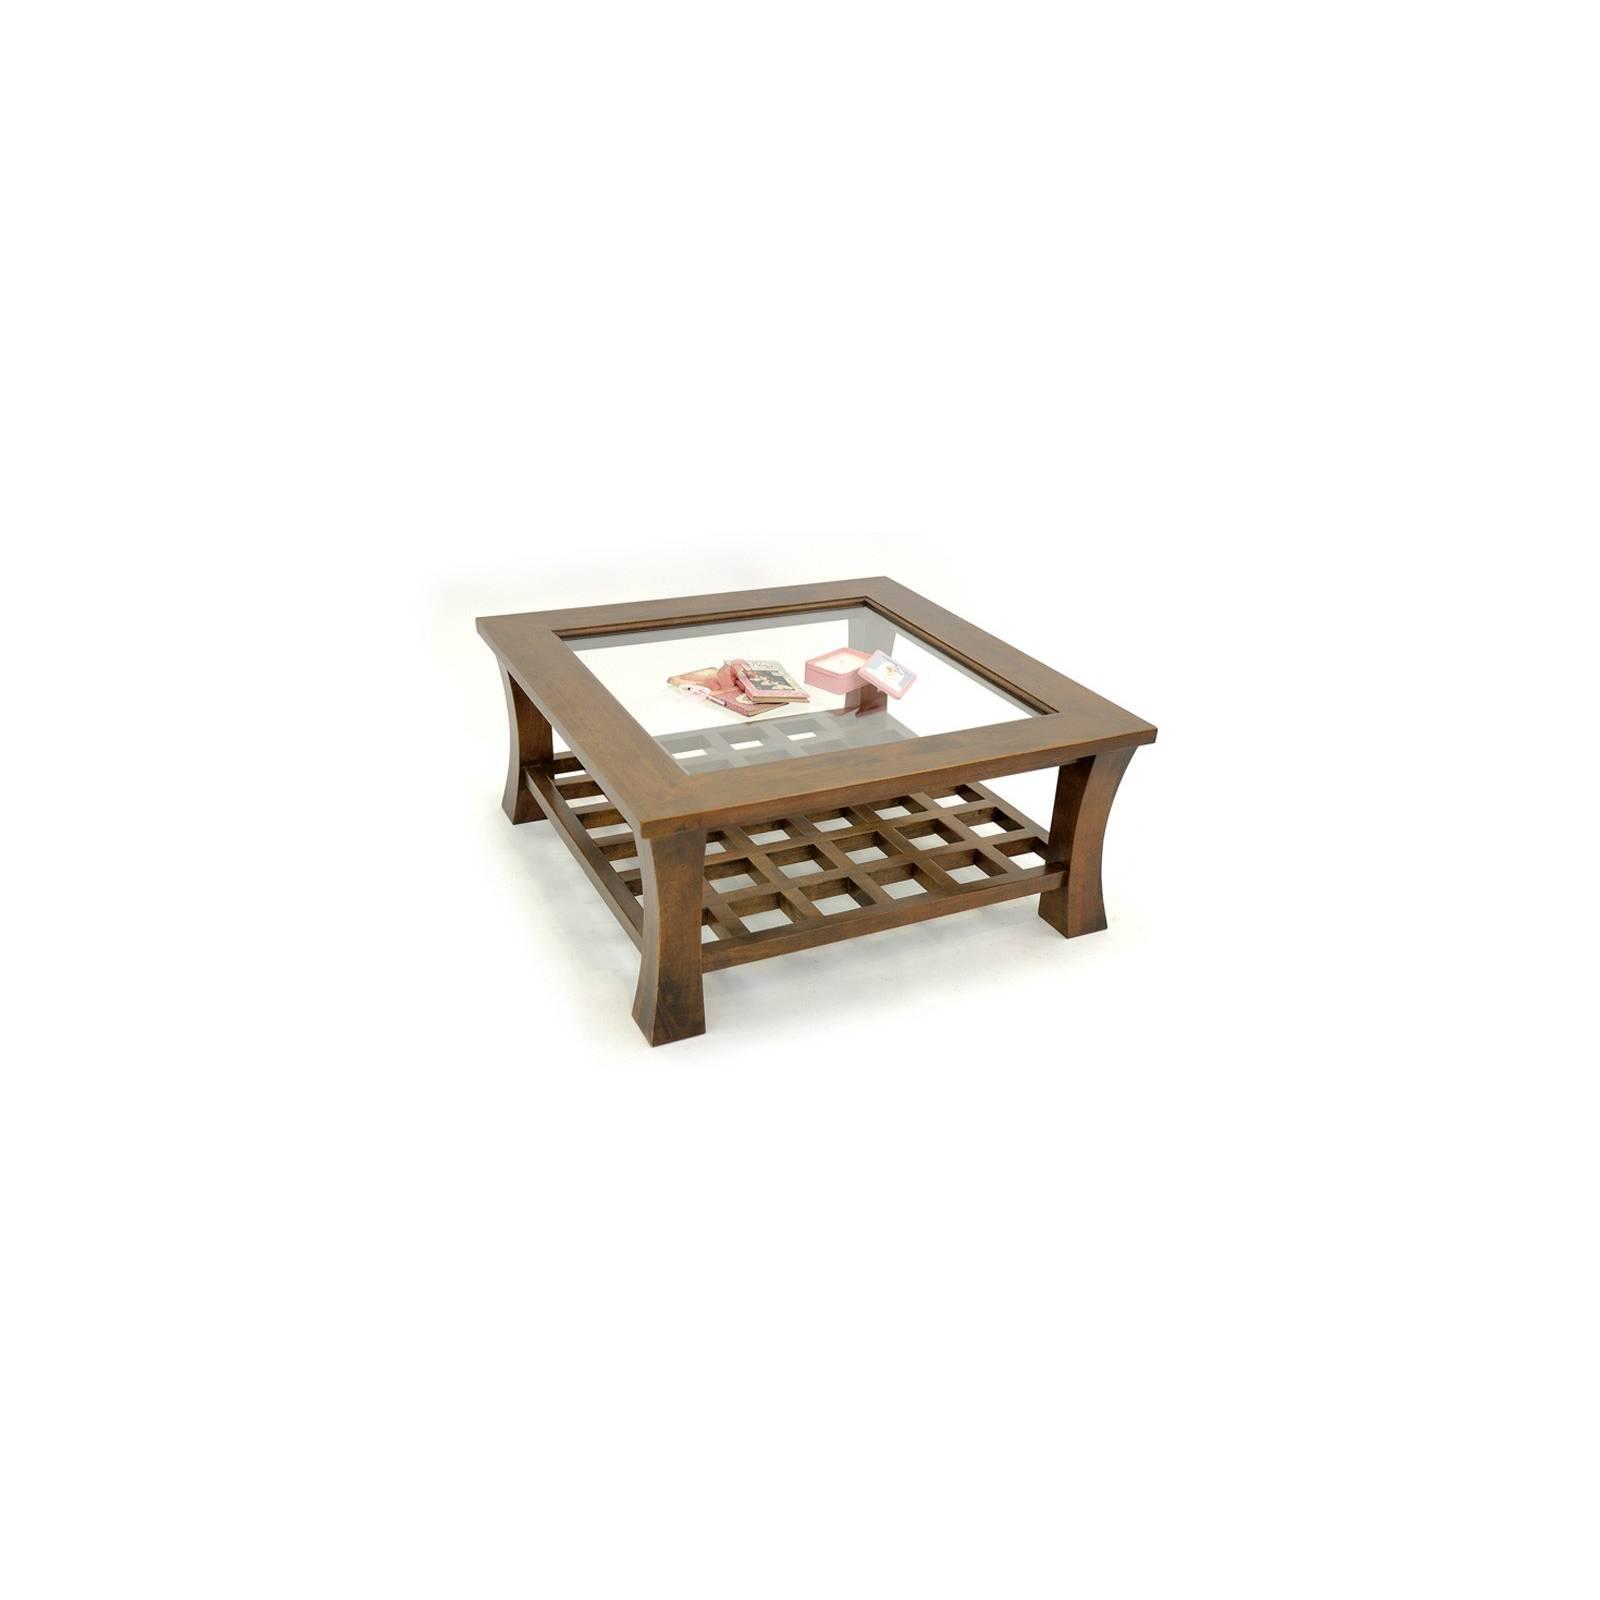 Table Basse Carrée Vitrée Chine Hévéa - meuble bois exotique